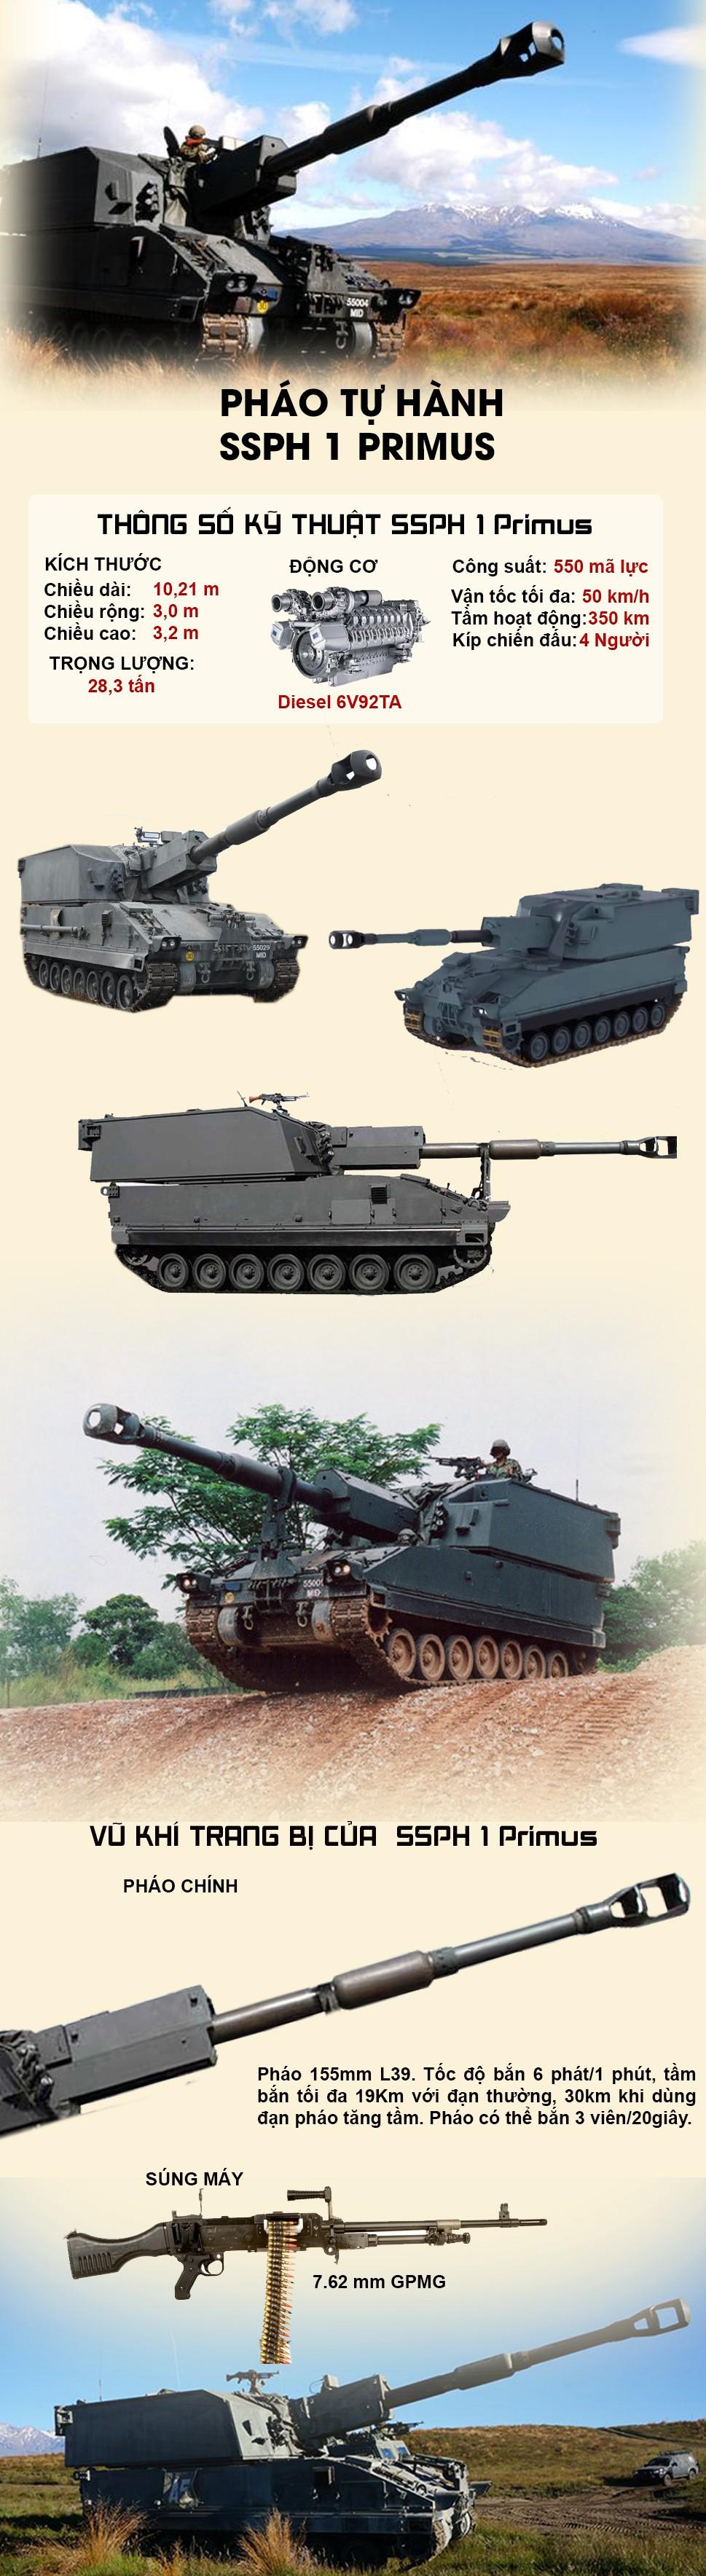 [ĐỒ HỌA] SSPH 1 Primus - Niềm tự hào của lục quân Đông Nam Á ảnh 2